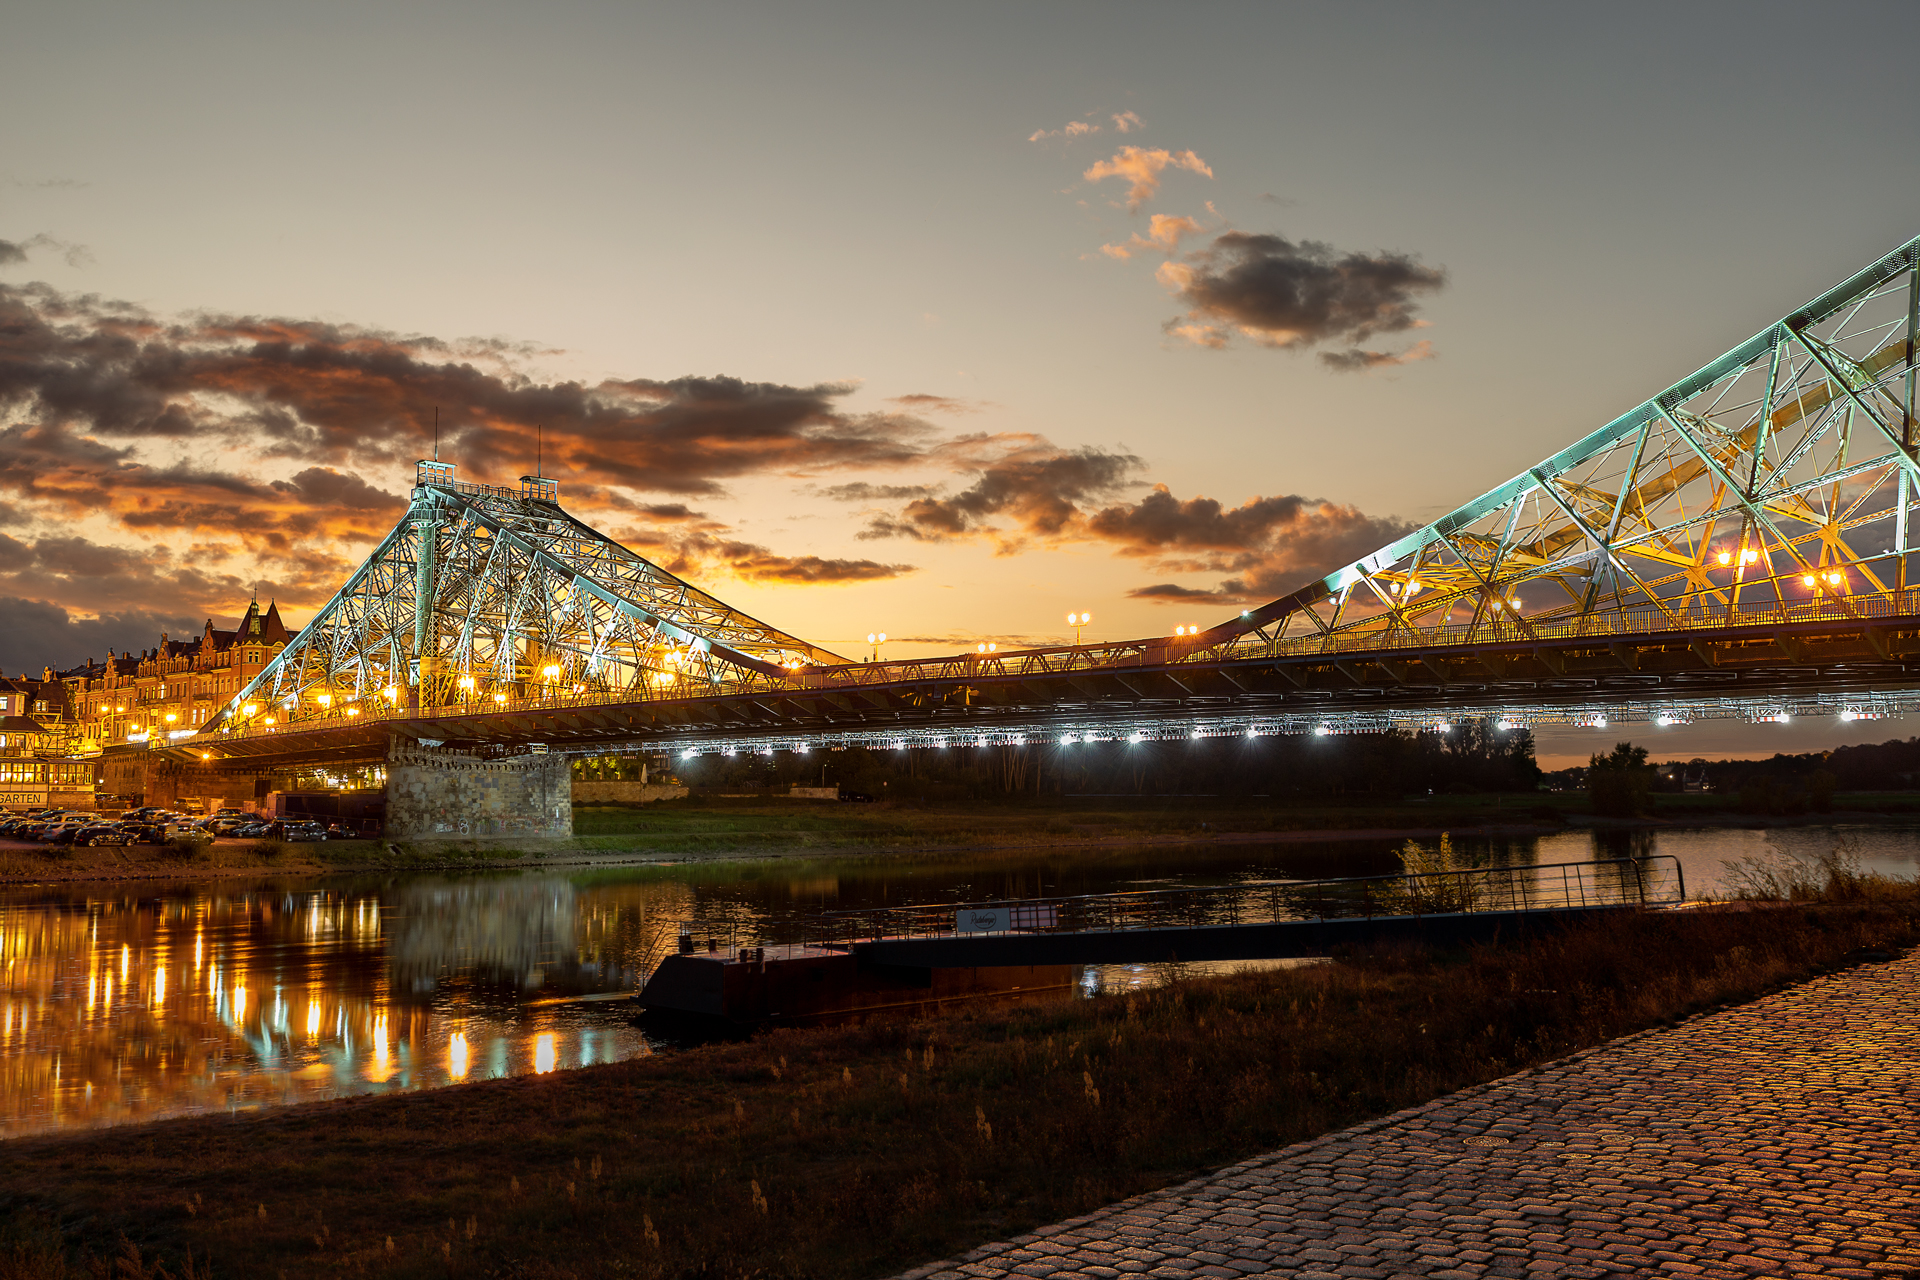 Blaues Wunder - Löschwitz Bridge, Germany